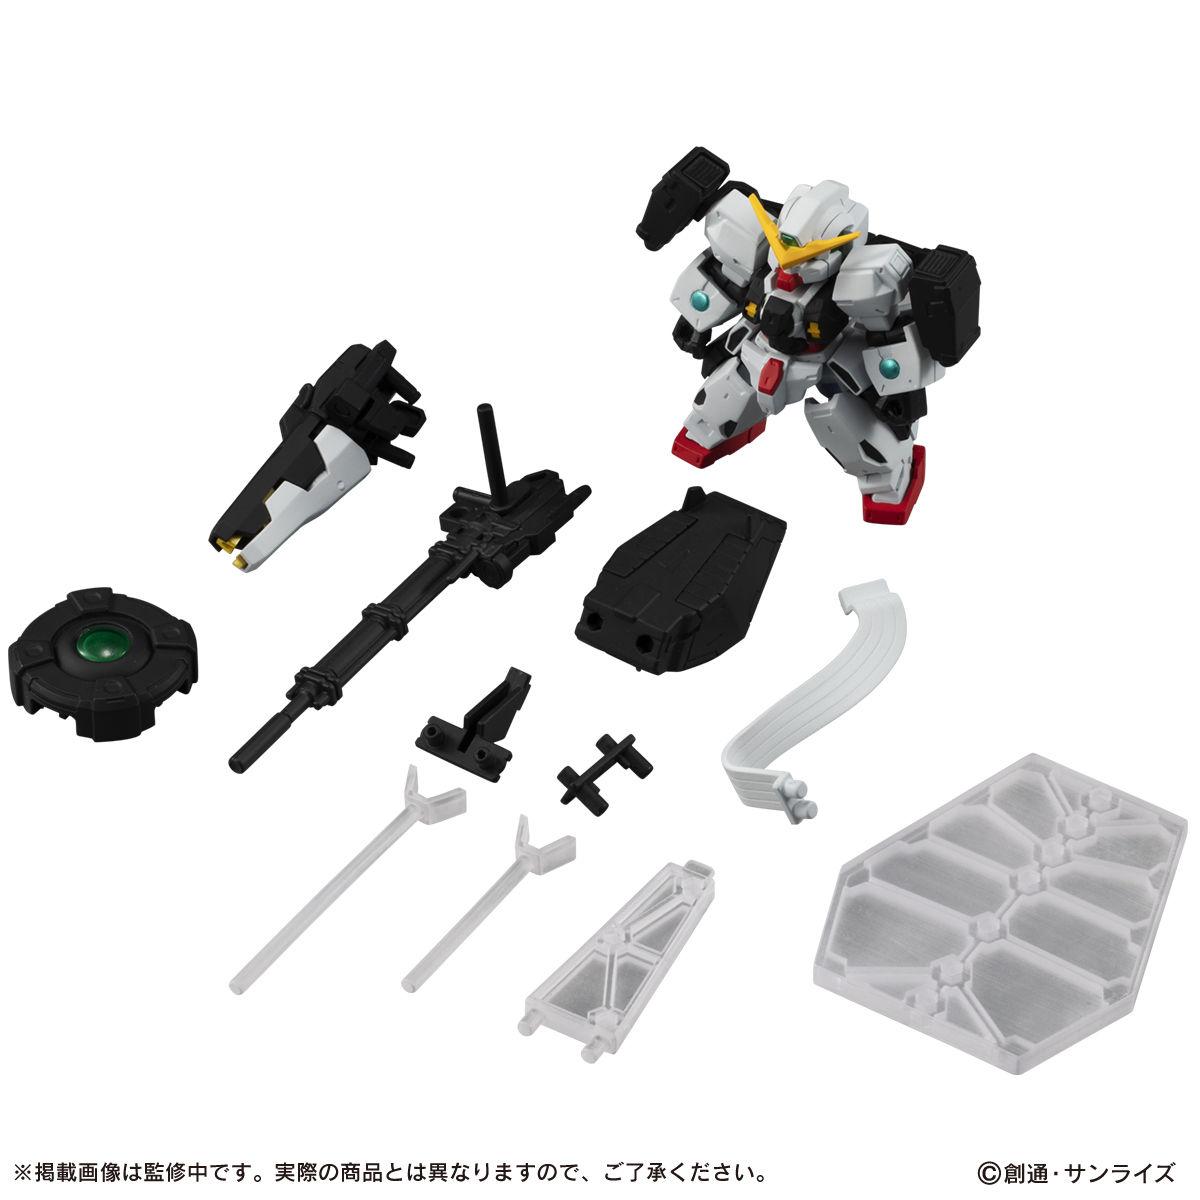 【限定販売】MOBILE SUIT ENSEMBLE『EX29 ガンダムヴァーチェ セット』デフォルメ可動フィギュア-007